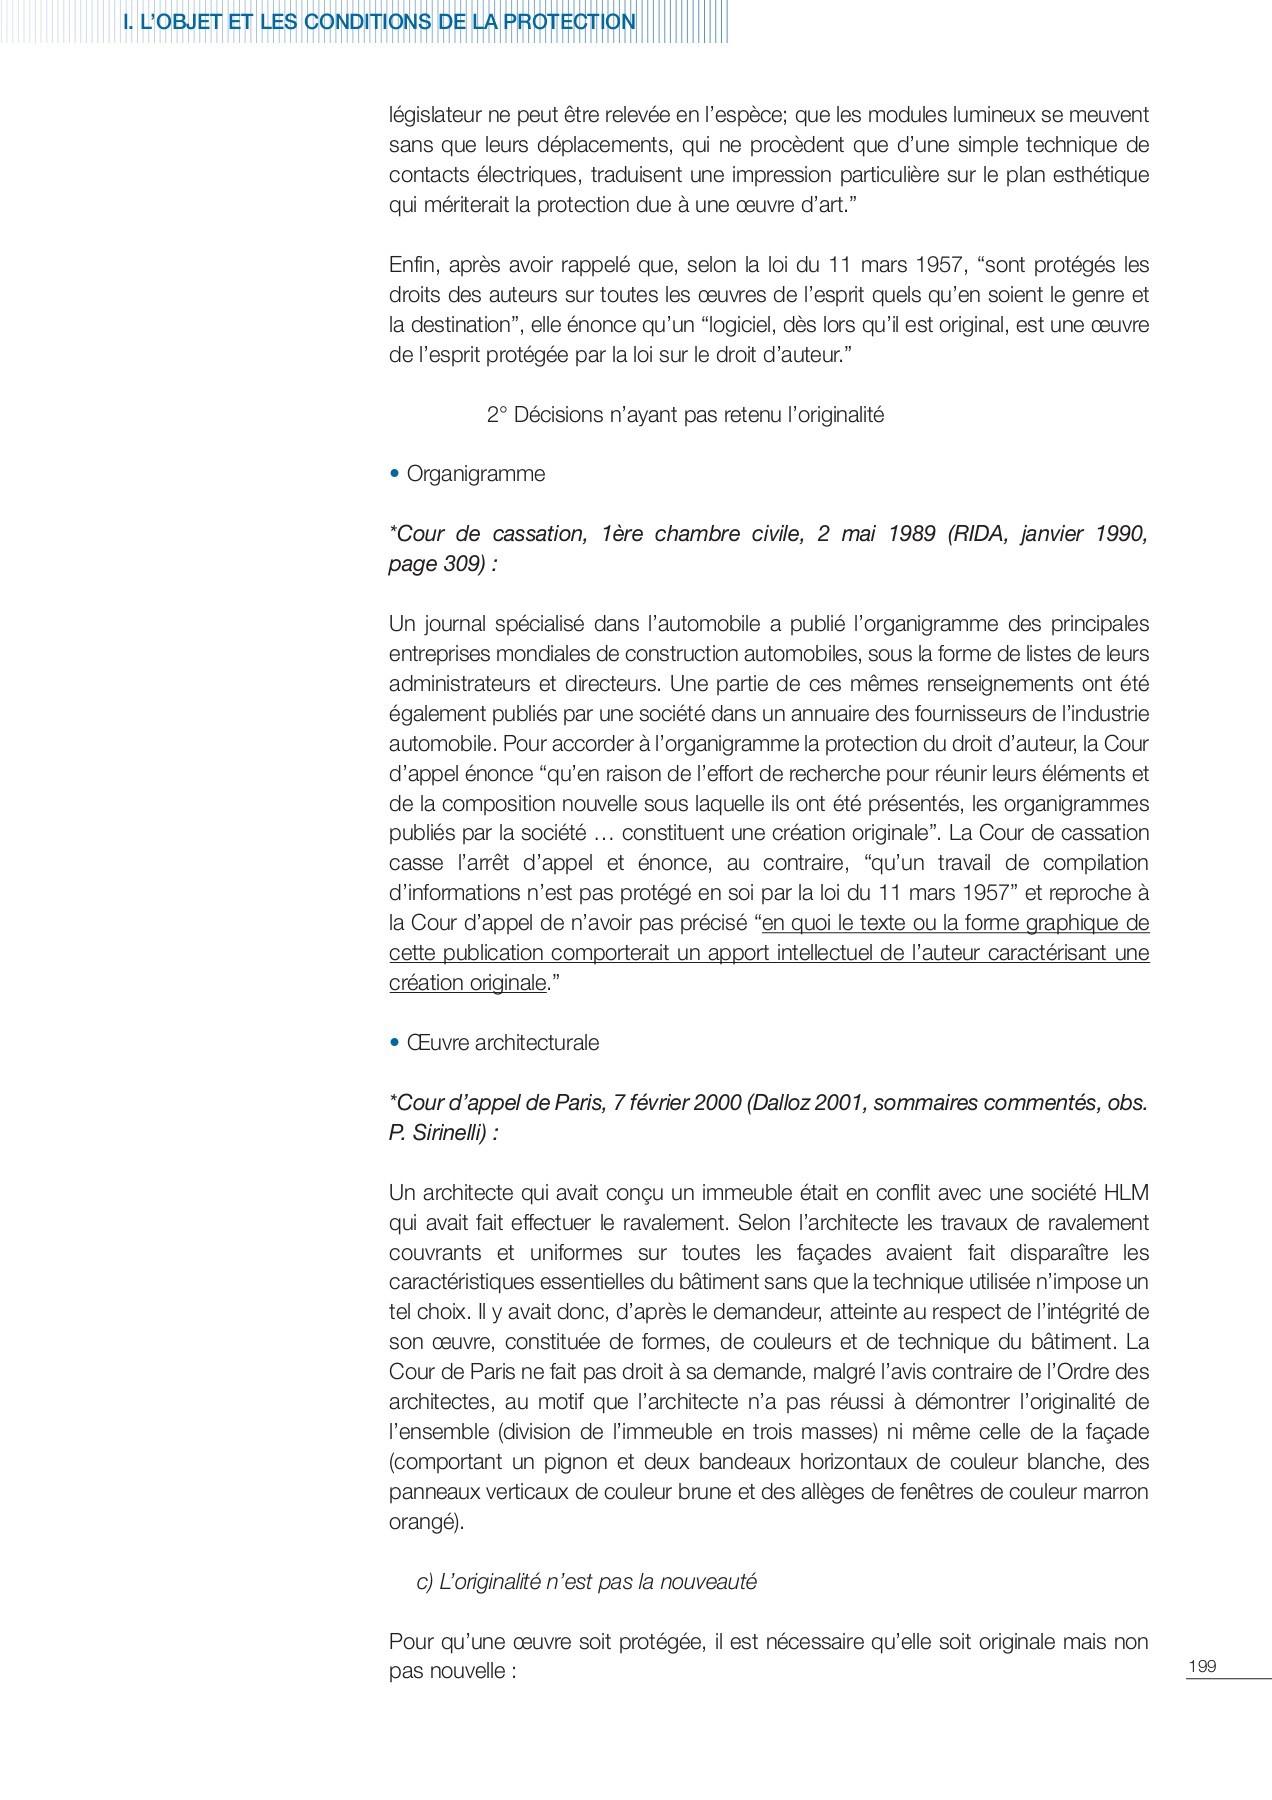 Wipo_Pub_844-Flip Book Pages 201-250 | Pubhtml5 concernant Mars De Maurice Careme A Imprimer